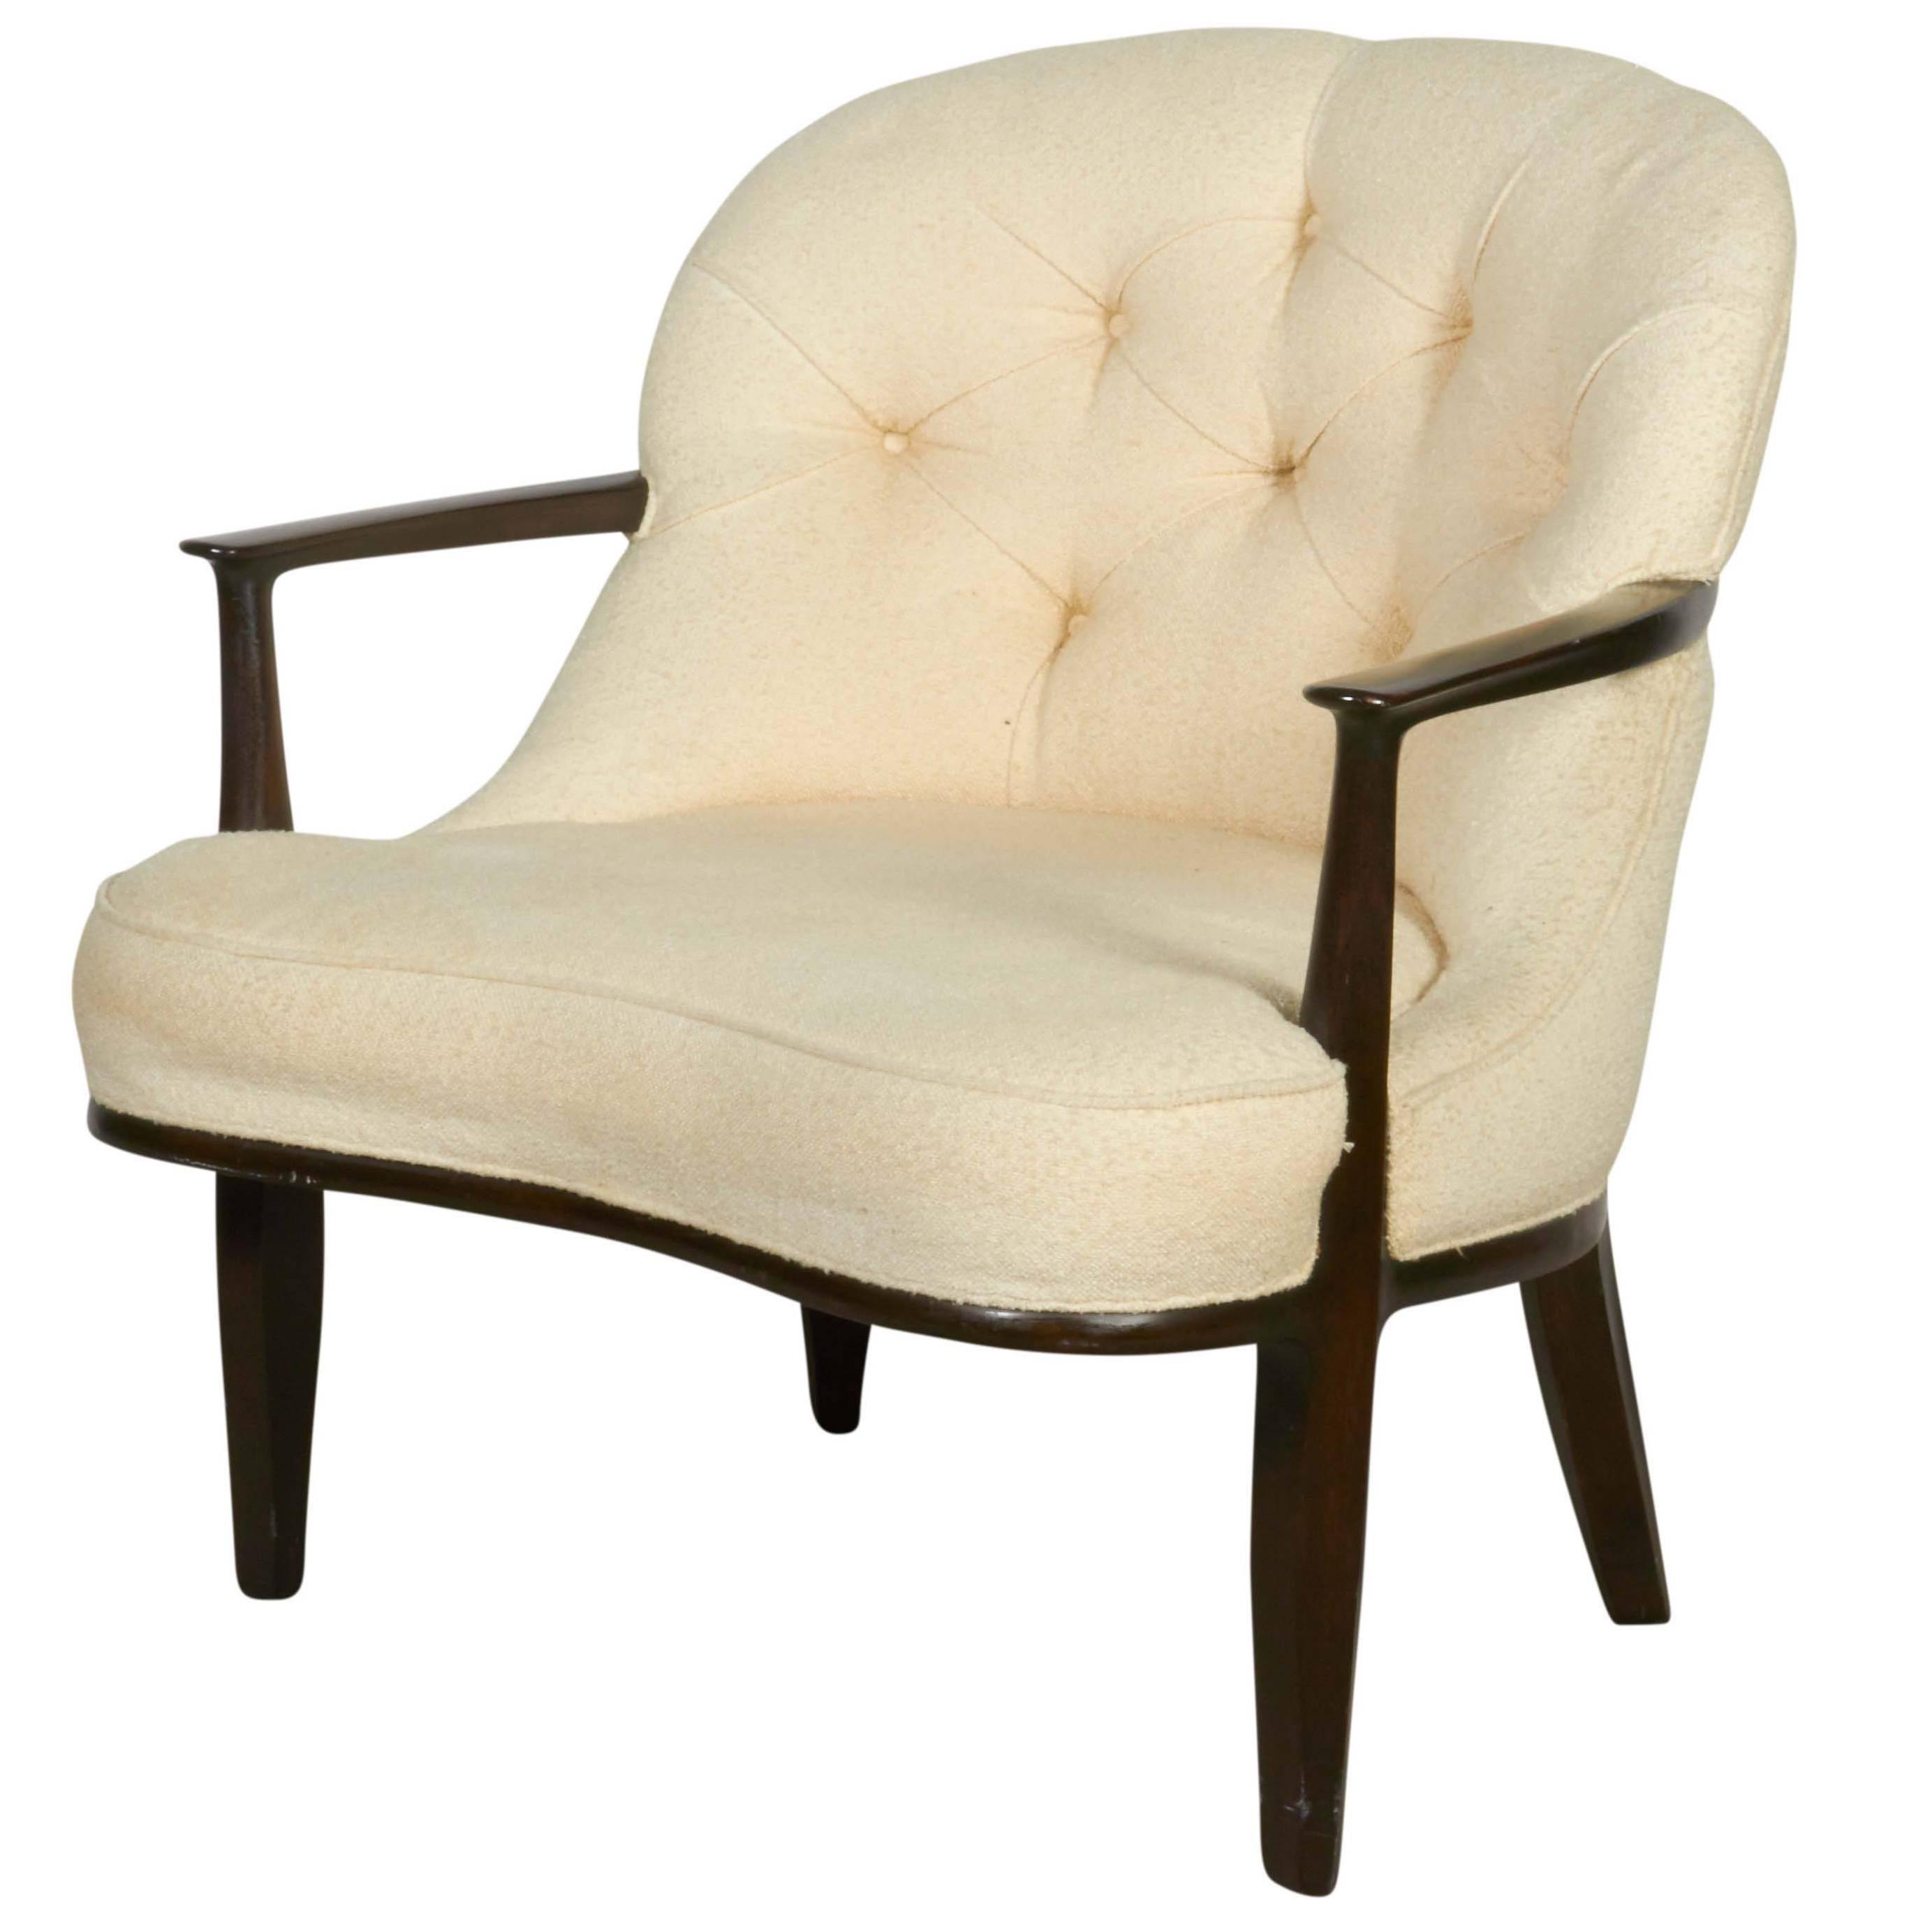 Edward Wormley 'Janus' Armchair for Dunbar